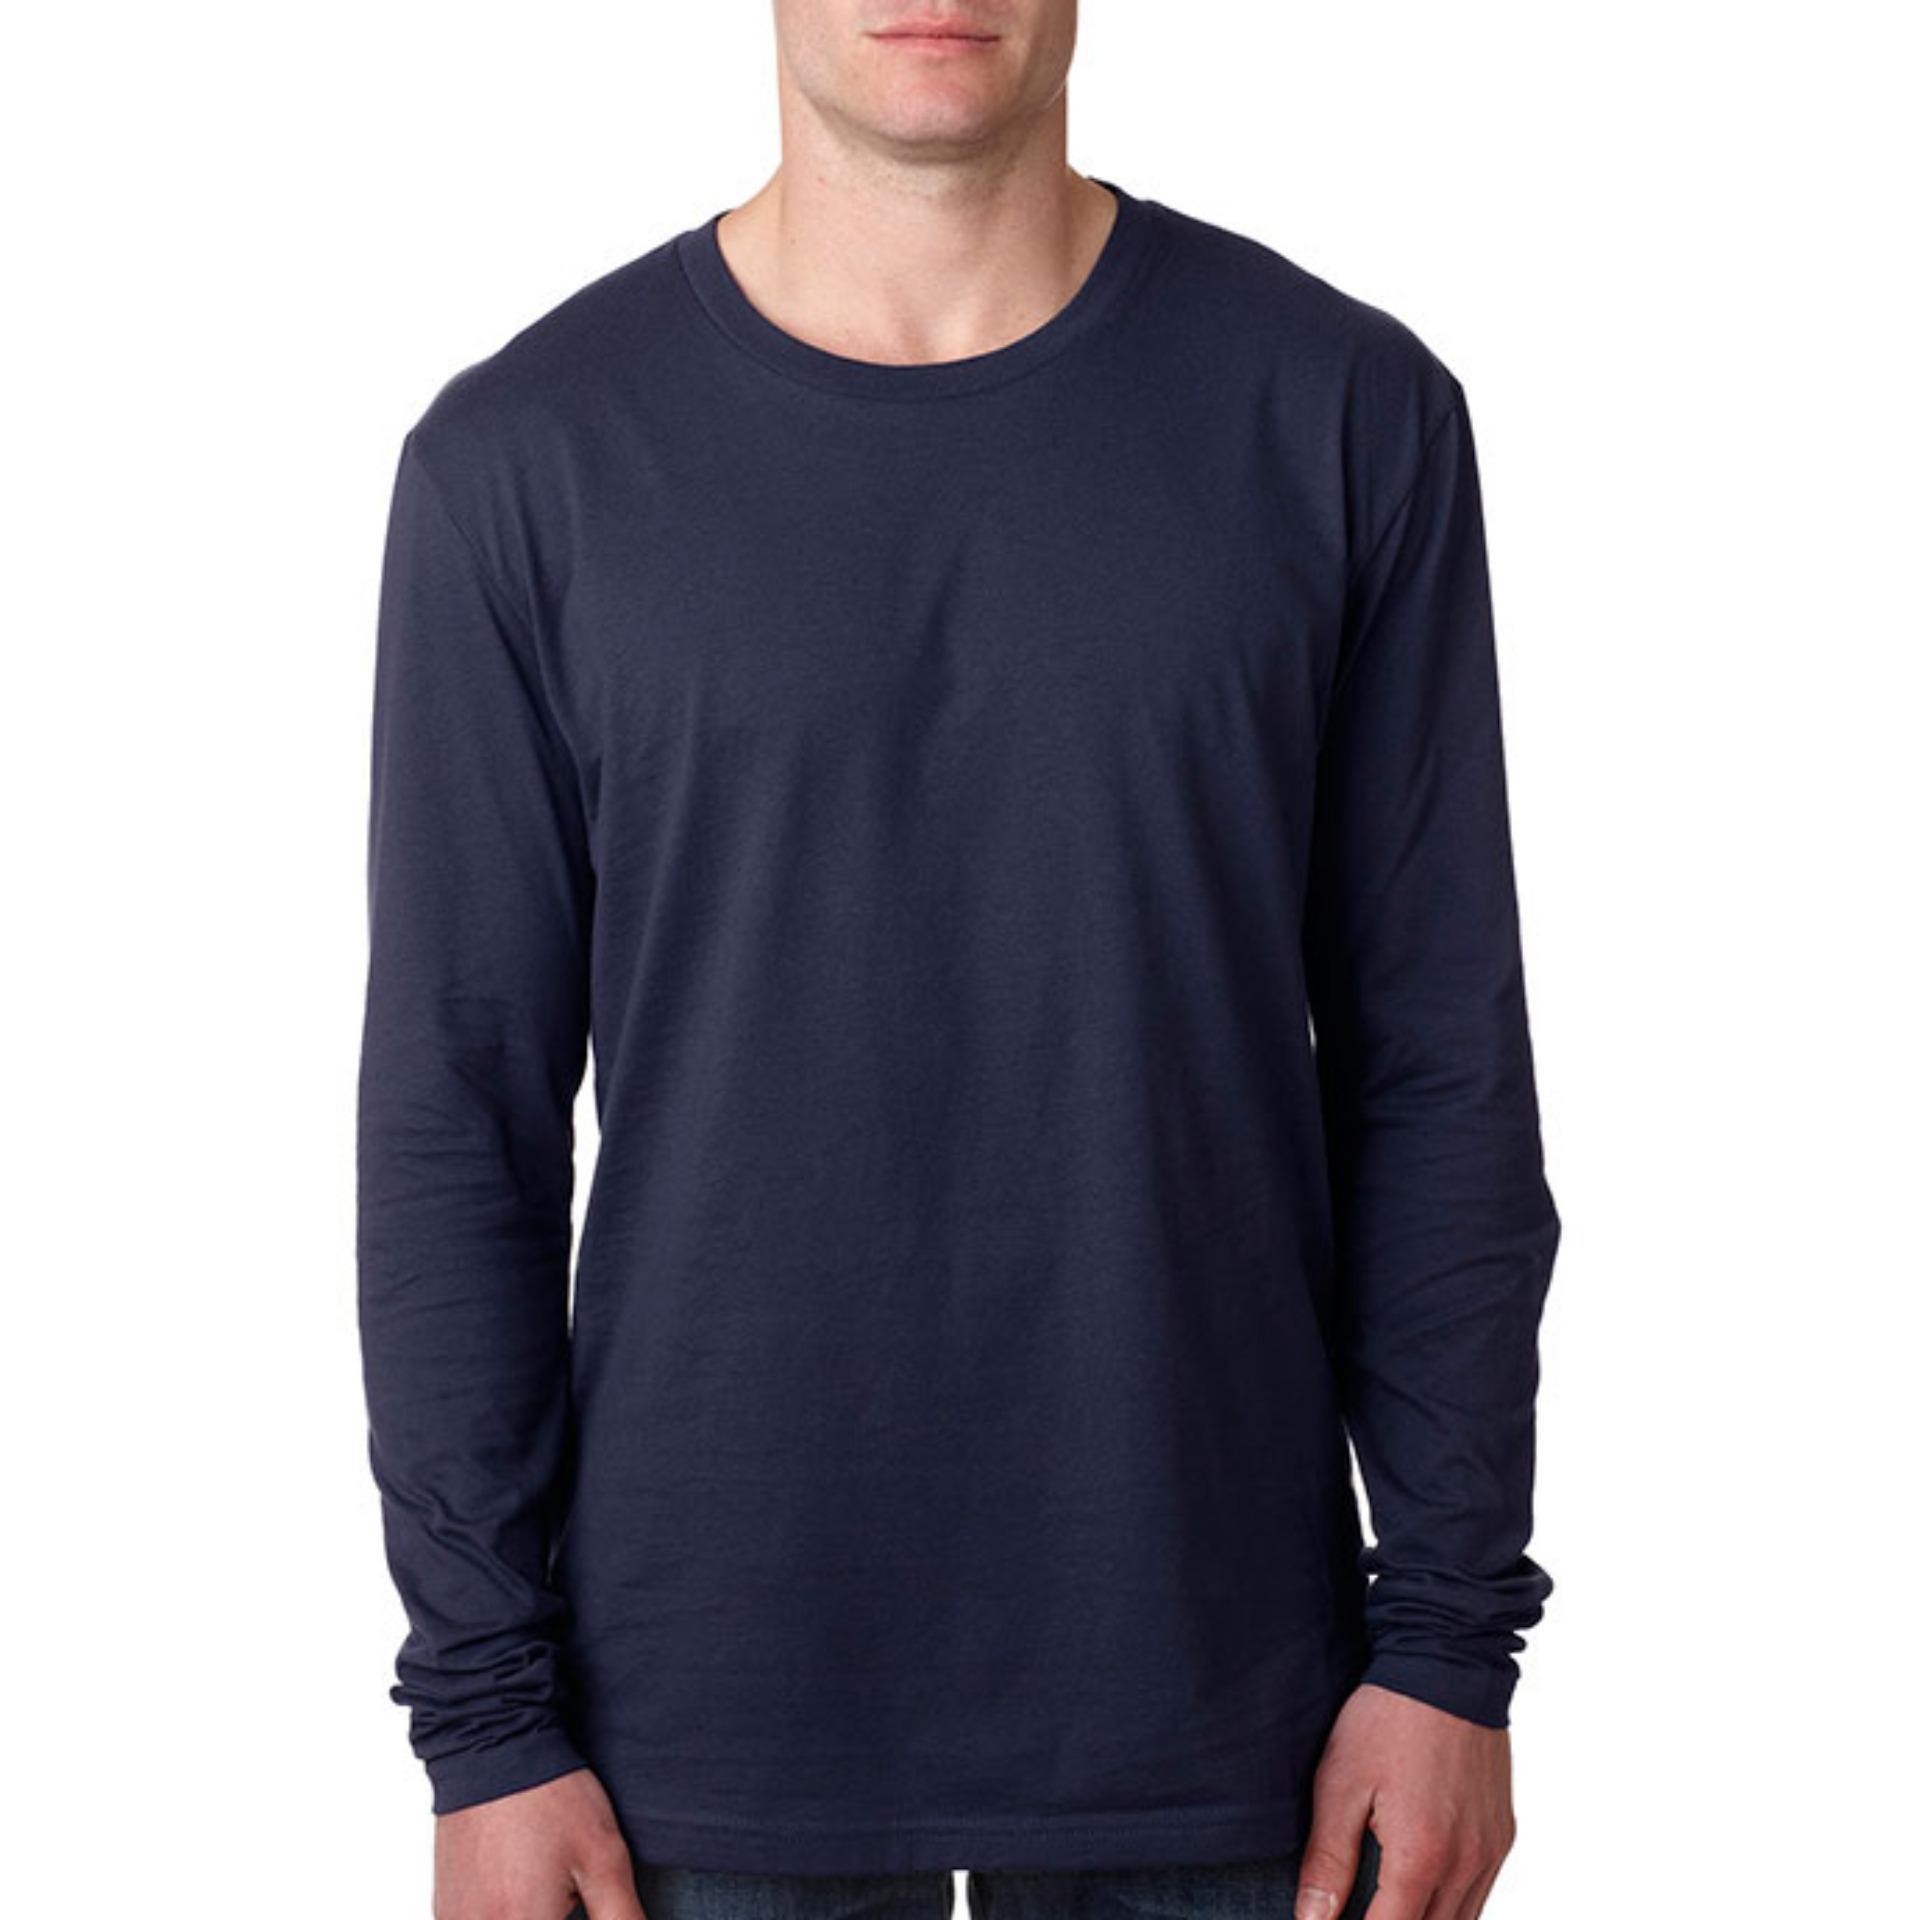 KaosBRO Kaos T-Shirt O-Neck Lengan Panjang Slim - Biru .